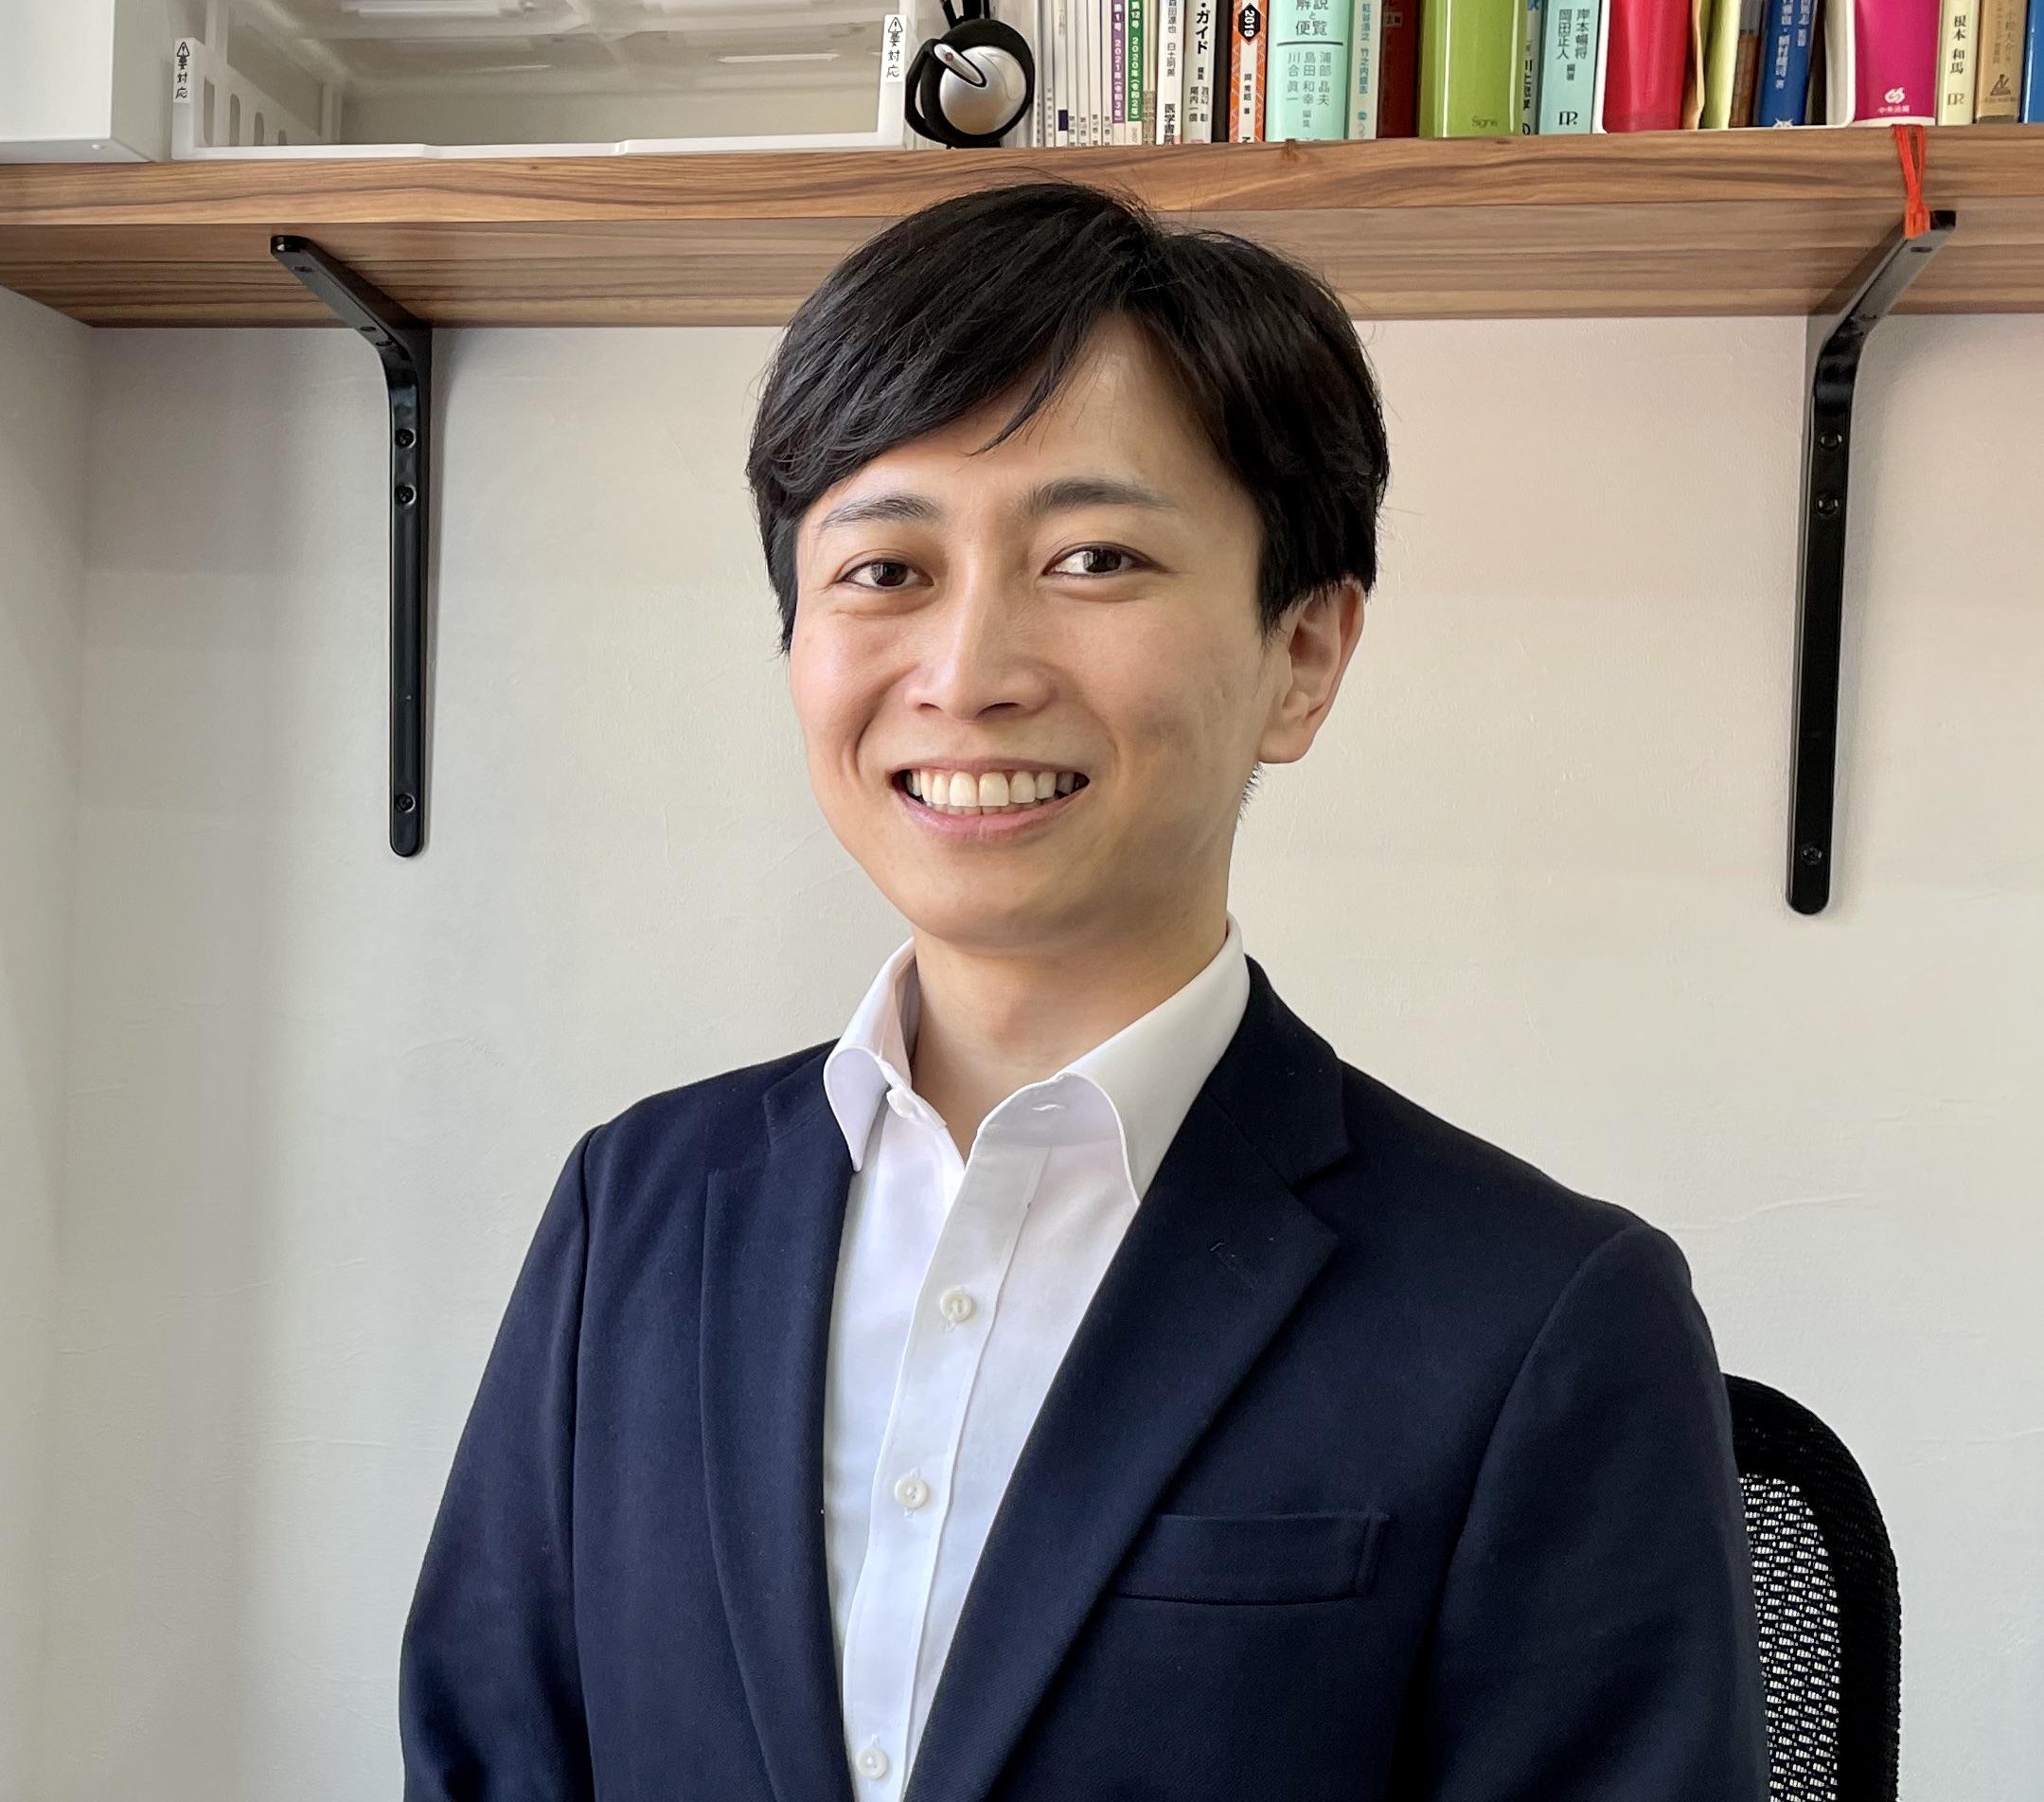 院長 清山知憲のプロフィール写真